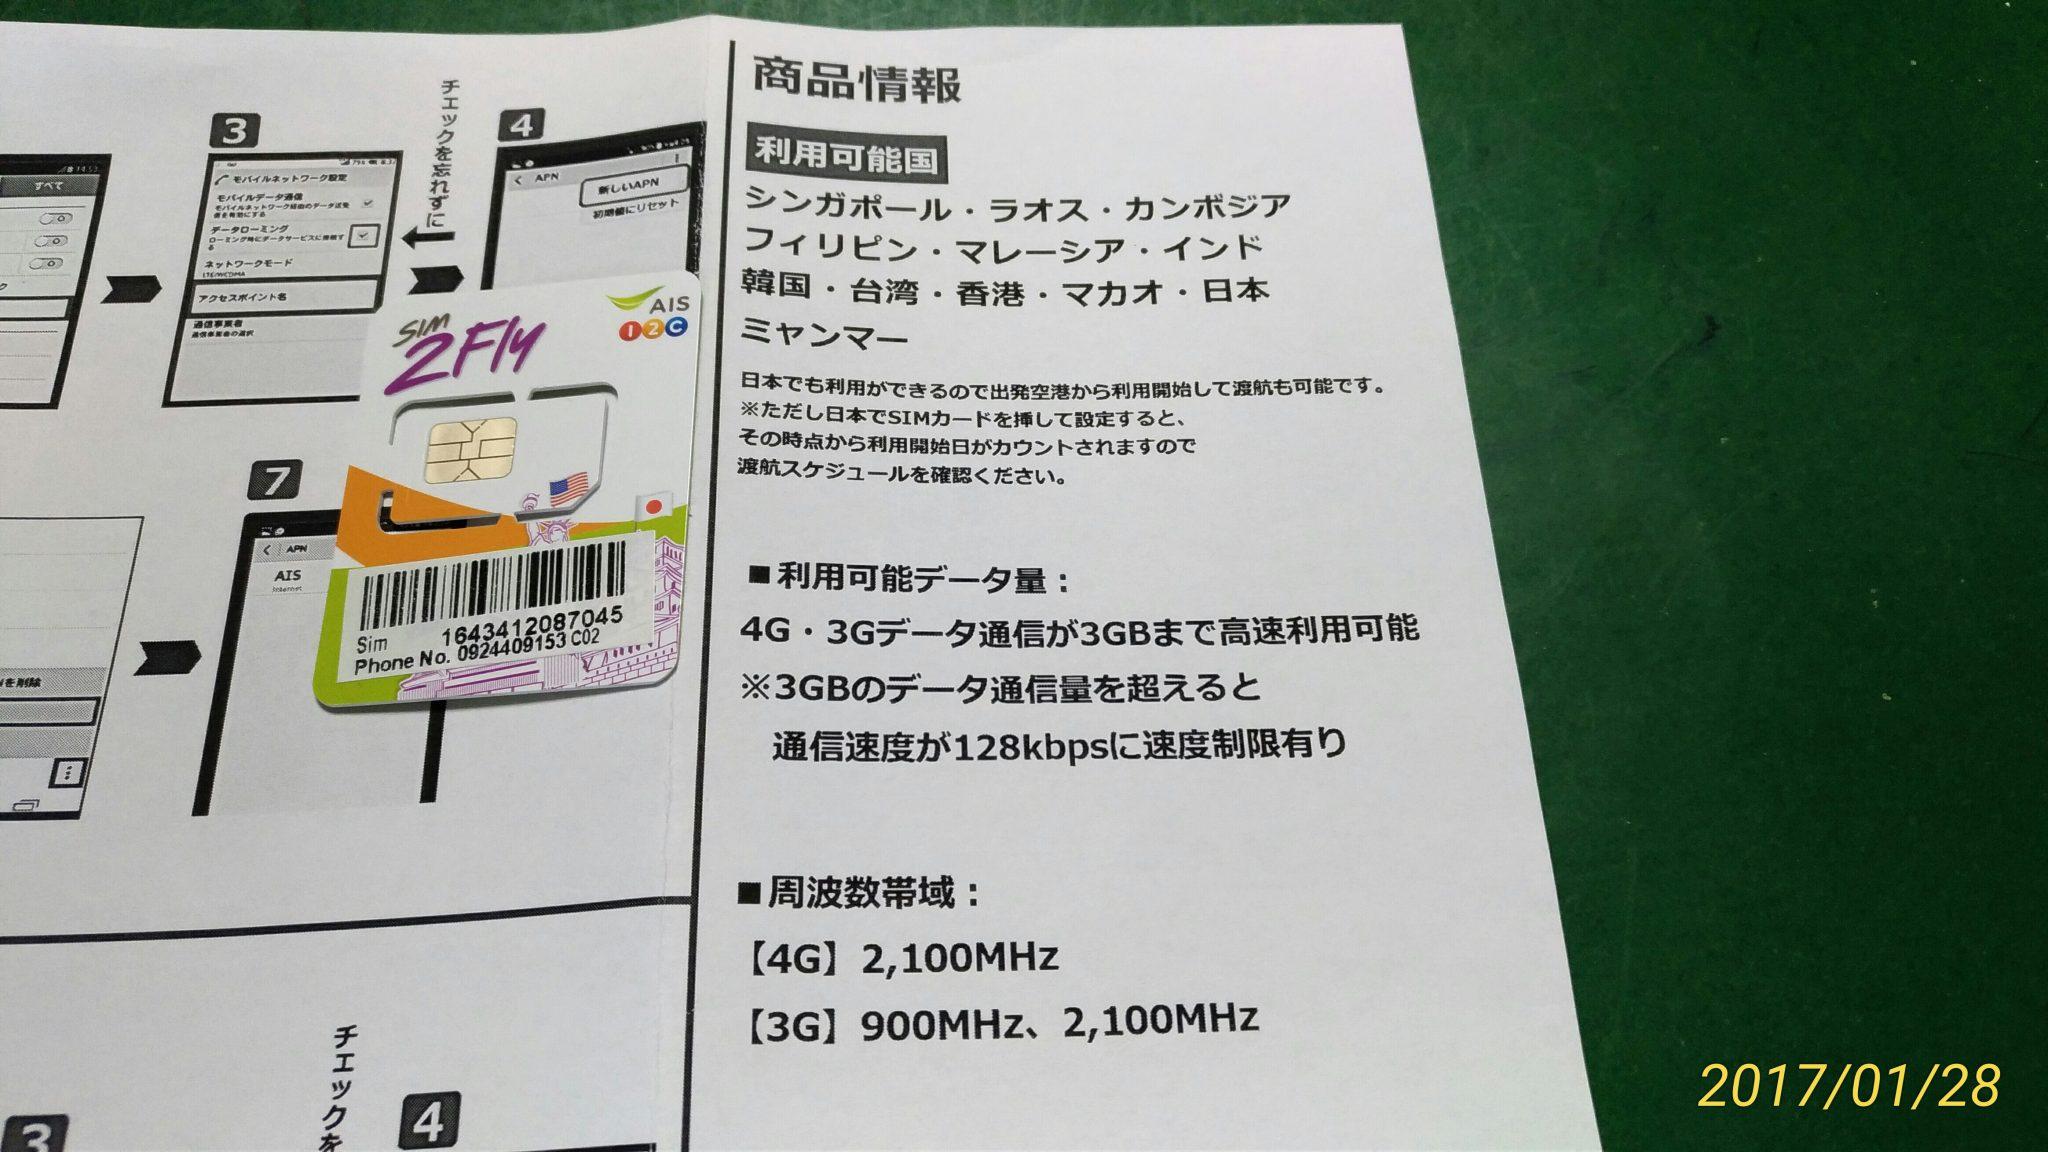 台湾で利用できるsimカードを購入しました